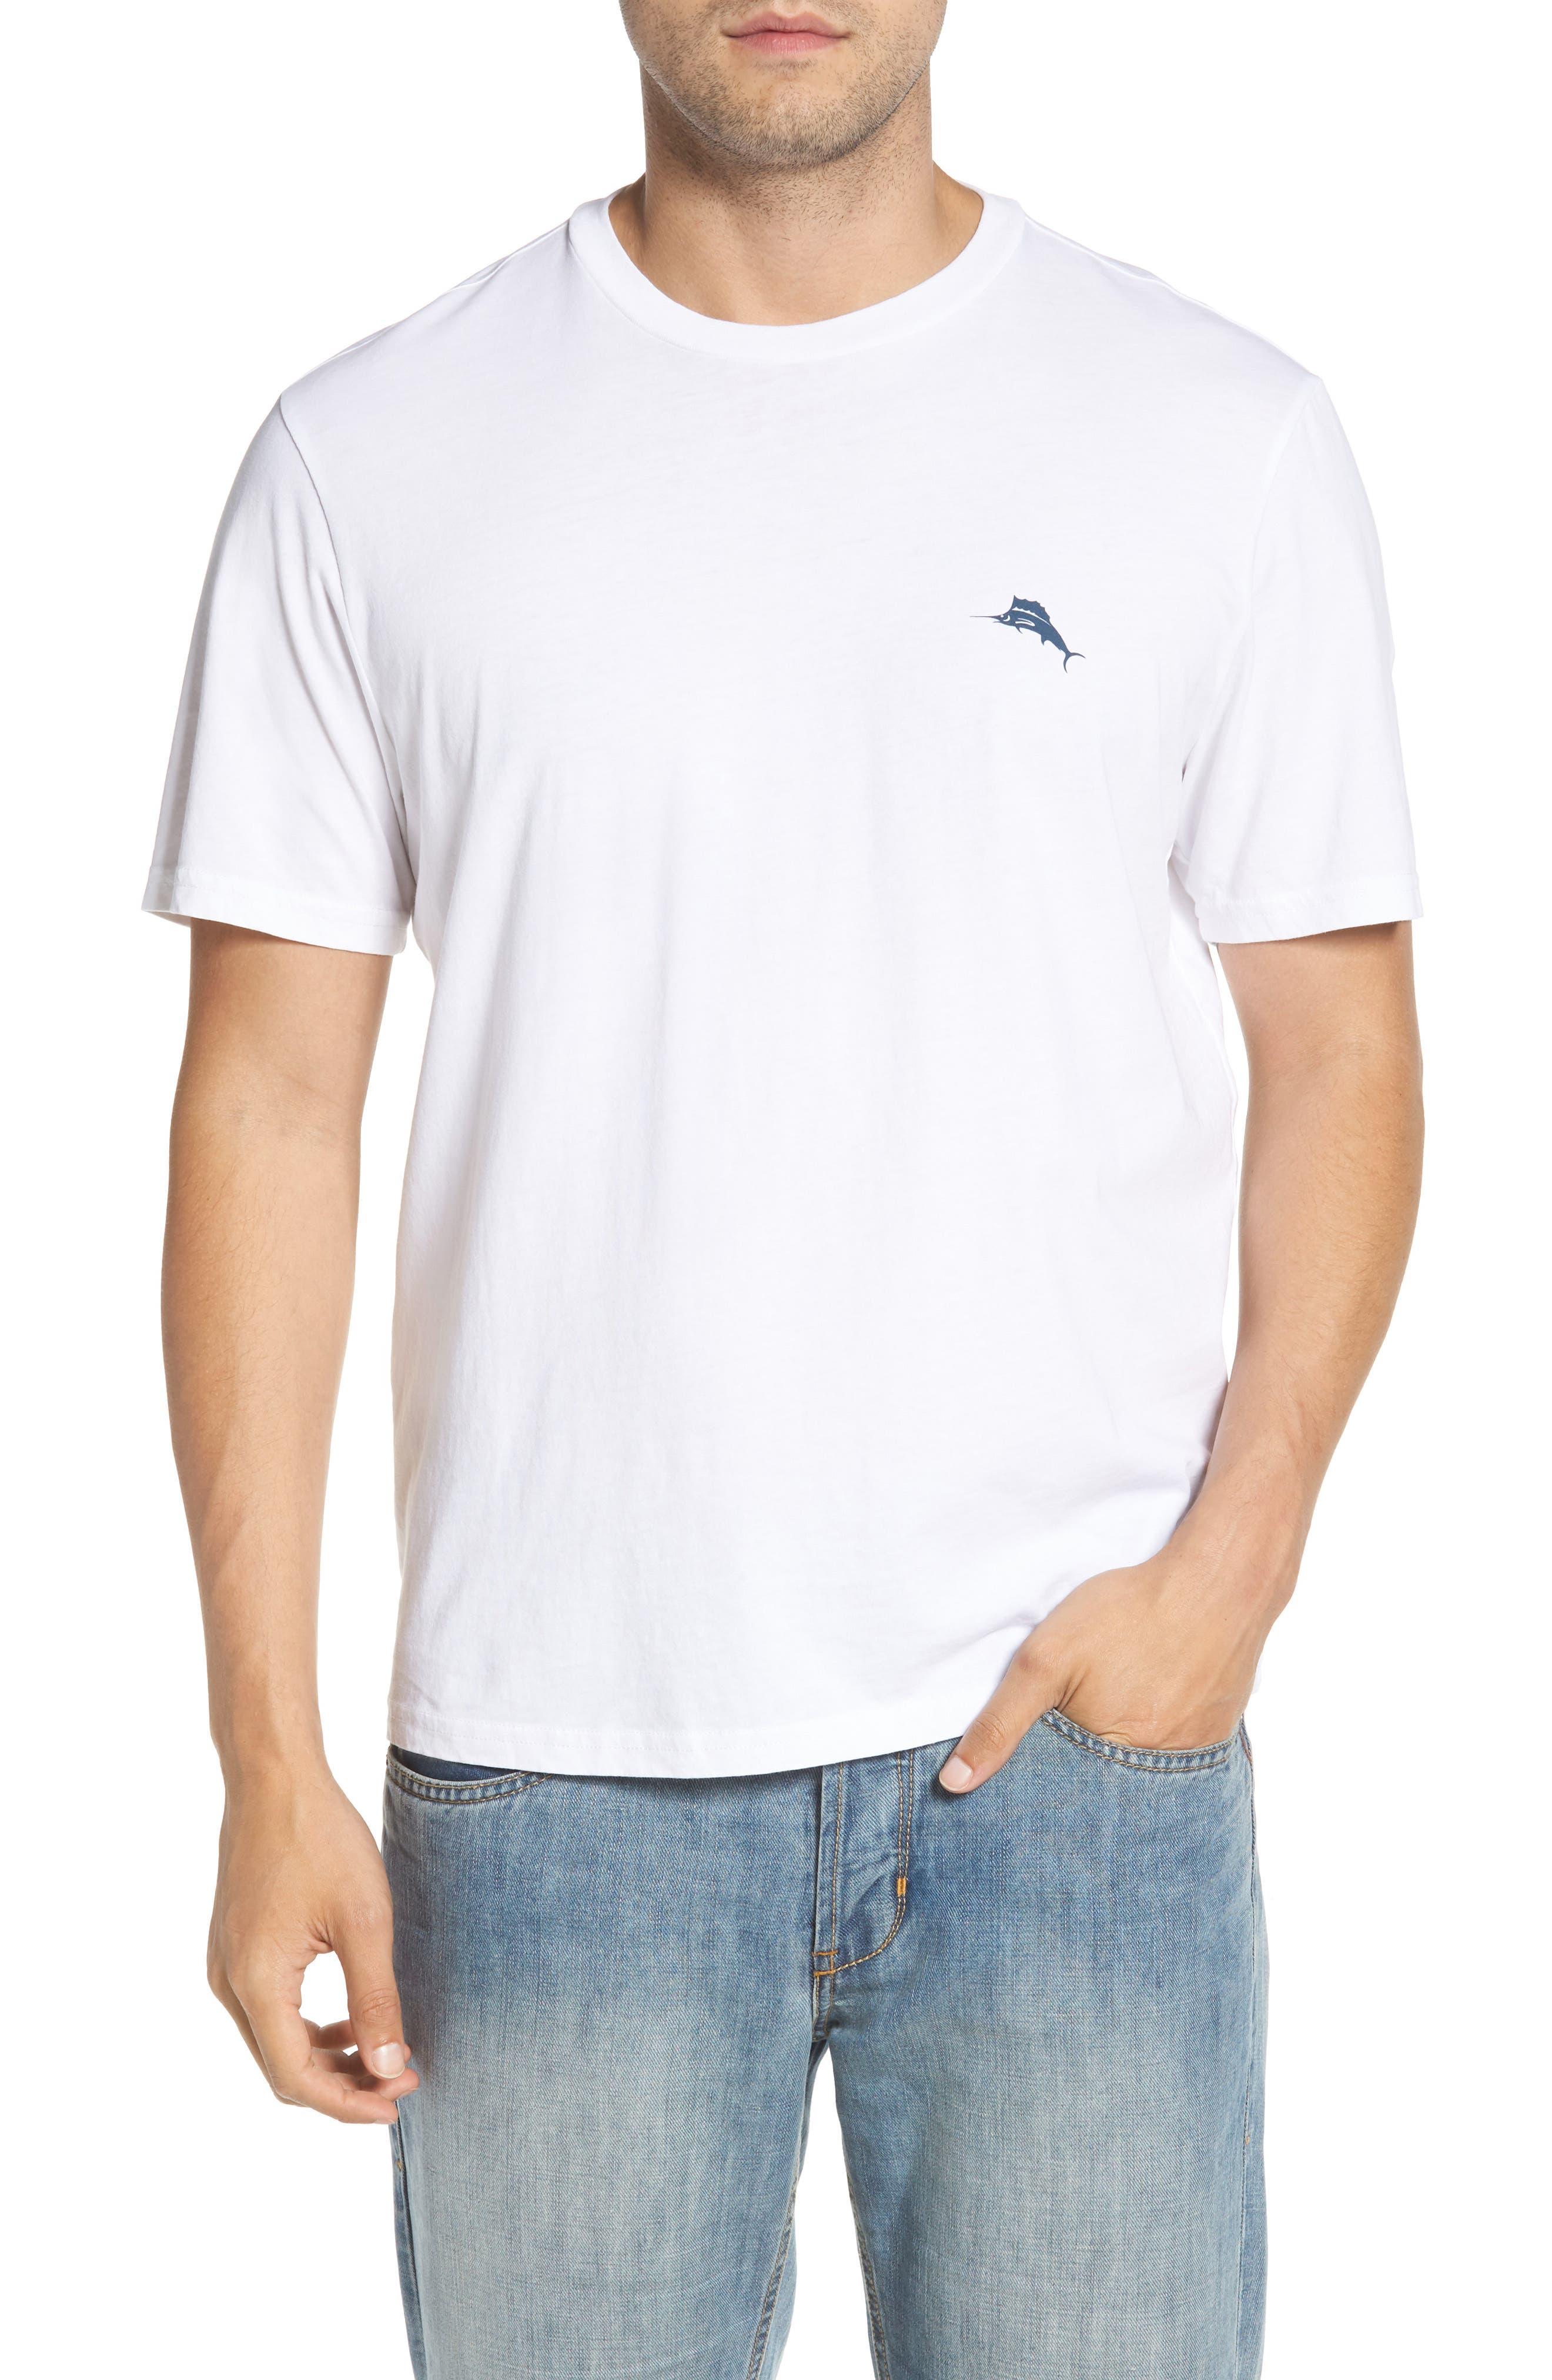 Diamond Cove T-Shirt,                             Main thumbnail 1, color,                             100